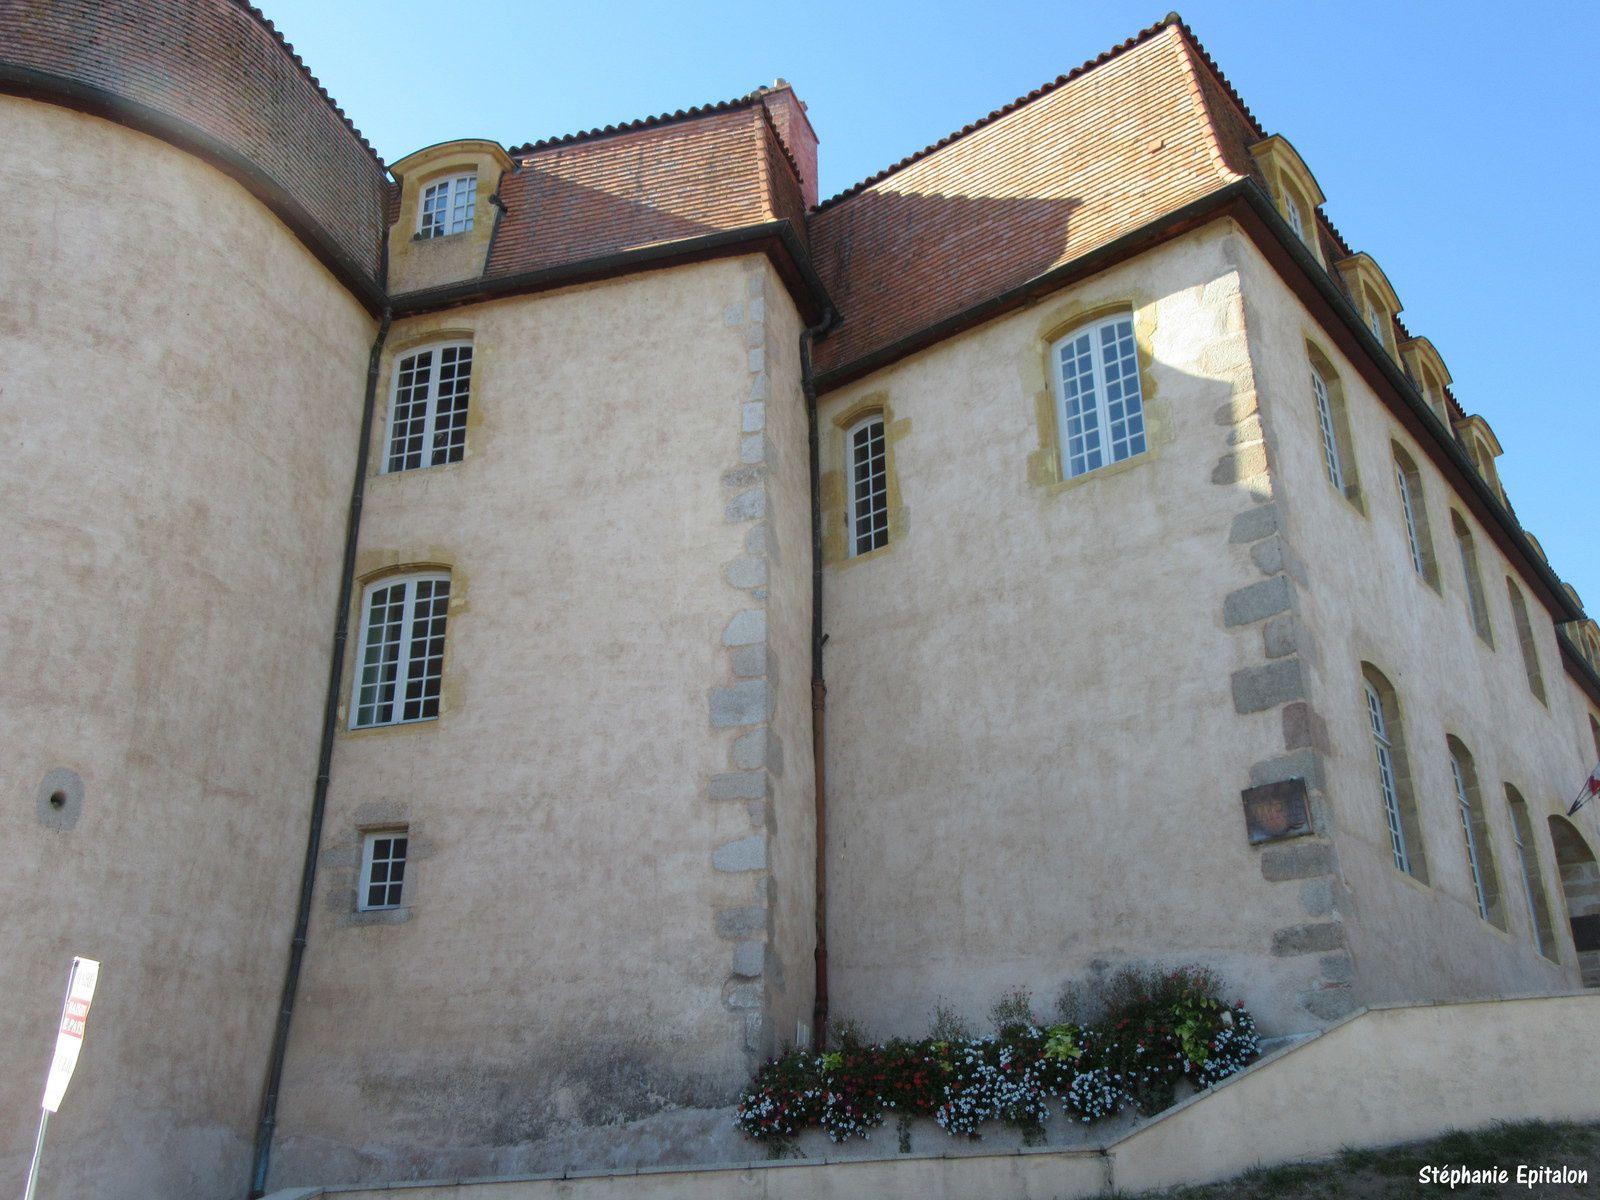 A la fin de la guerre de cent ans, vers 1441, un incendie semble avoir détruit une grande partie du monastère et de l'église. Le prieur Antoine de Balzac d'Entragues entreprend la reconstruction vers 1474. C'est à lui que l'on doit l'église actuelle.